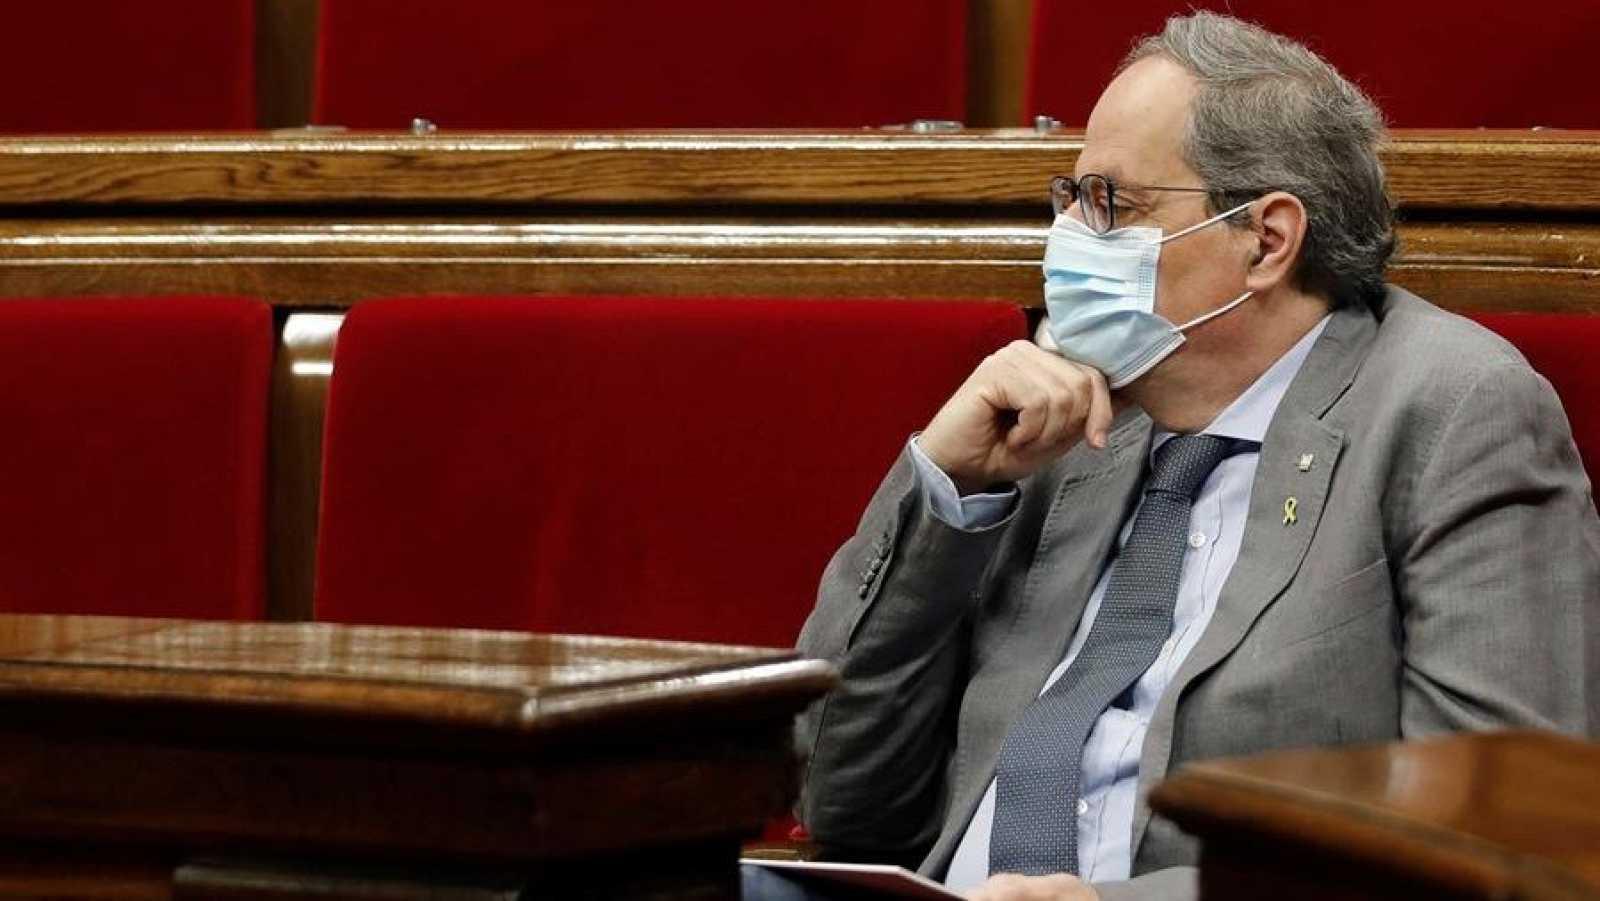 El presidente de la Generalitat, Quim Torra, durante una sesión de control